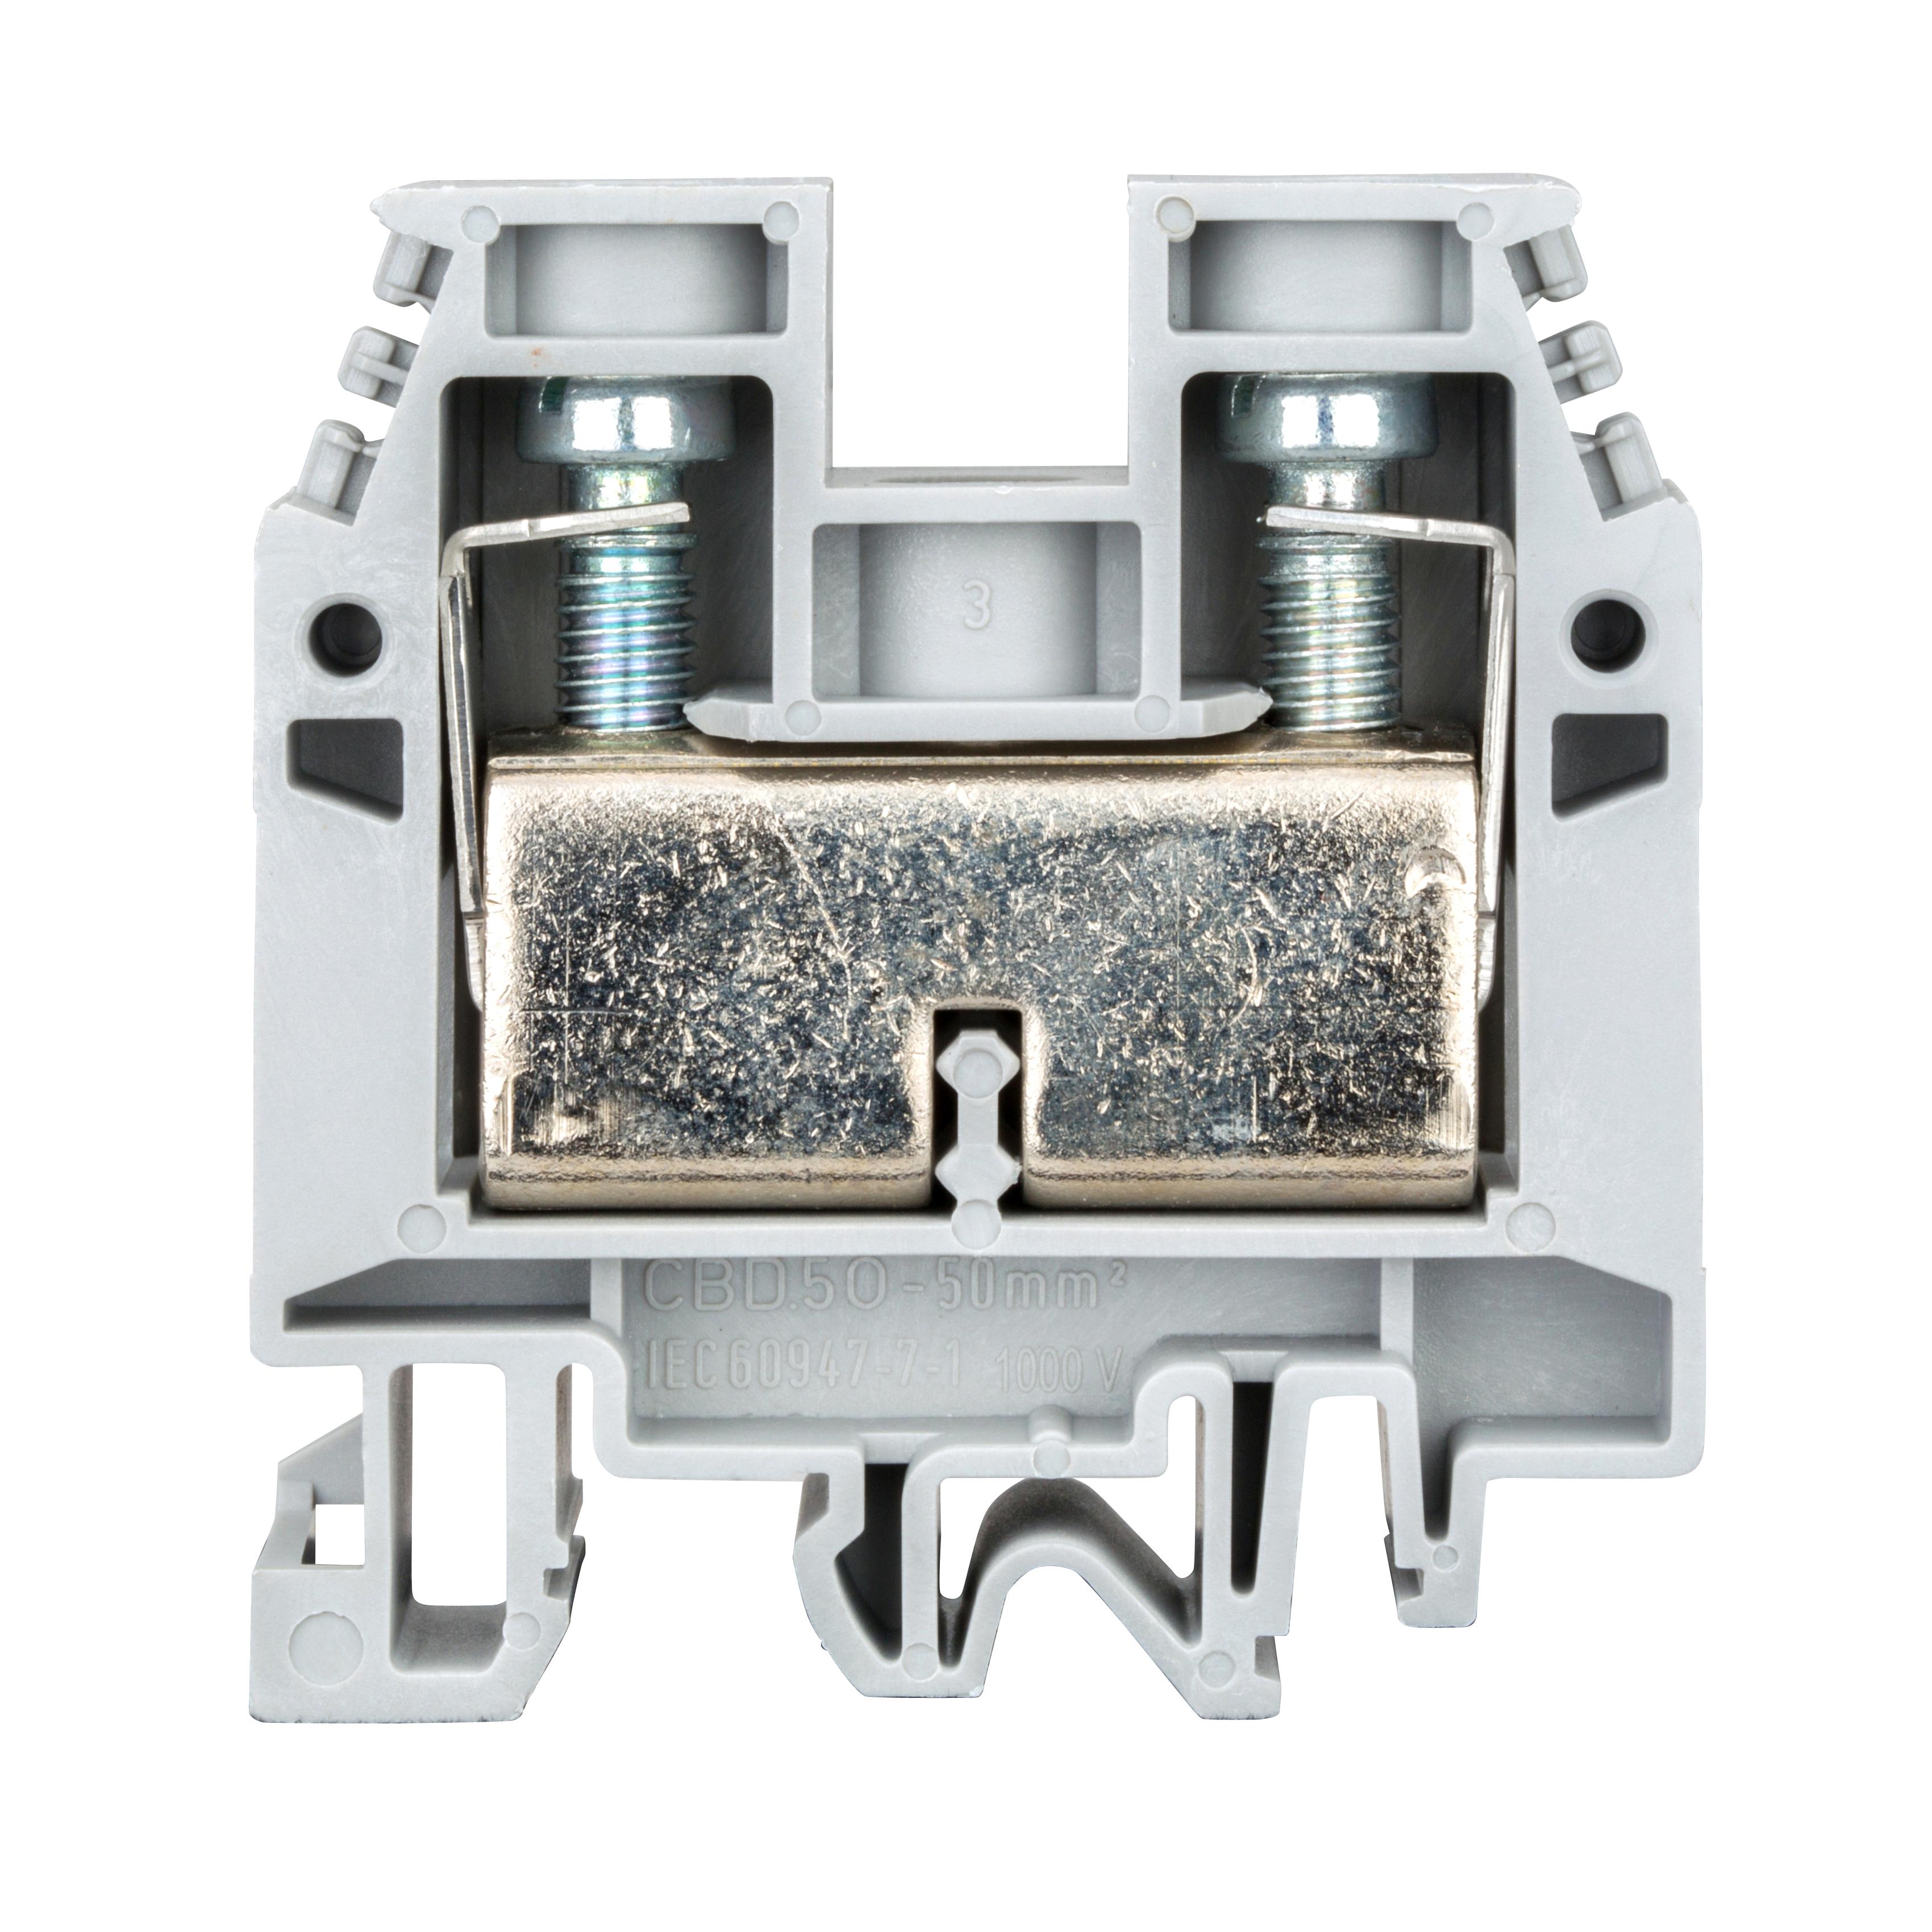 1 Stk Reihenklemme CBD.50 grau, 50mm² IK100050-A